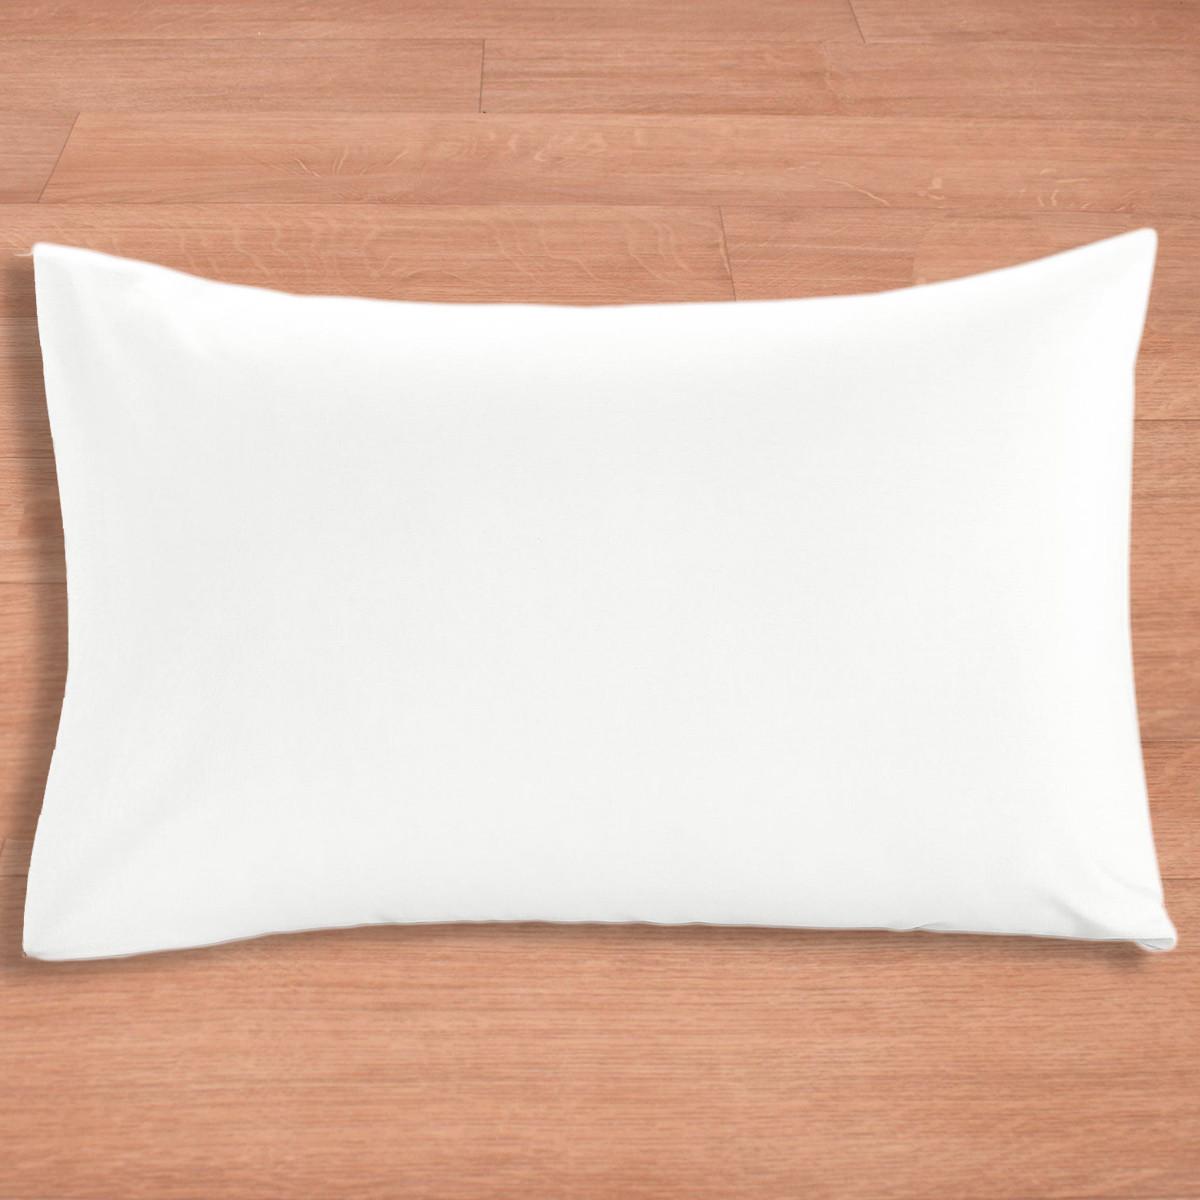 Μαξιλαροθήκη (50×70) Καρίμ 50%Βαμβάκι 50%Polyester T144